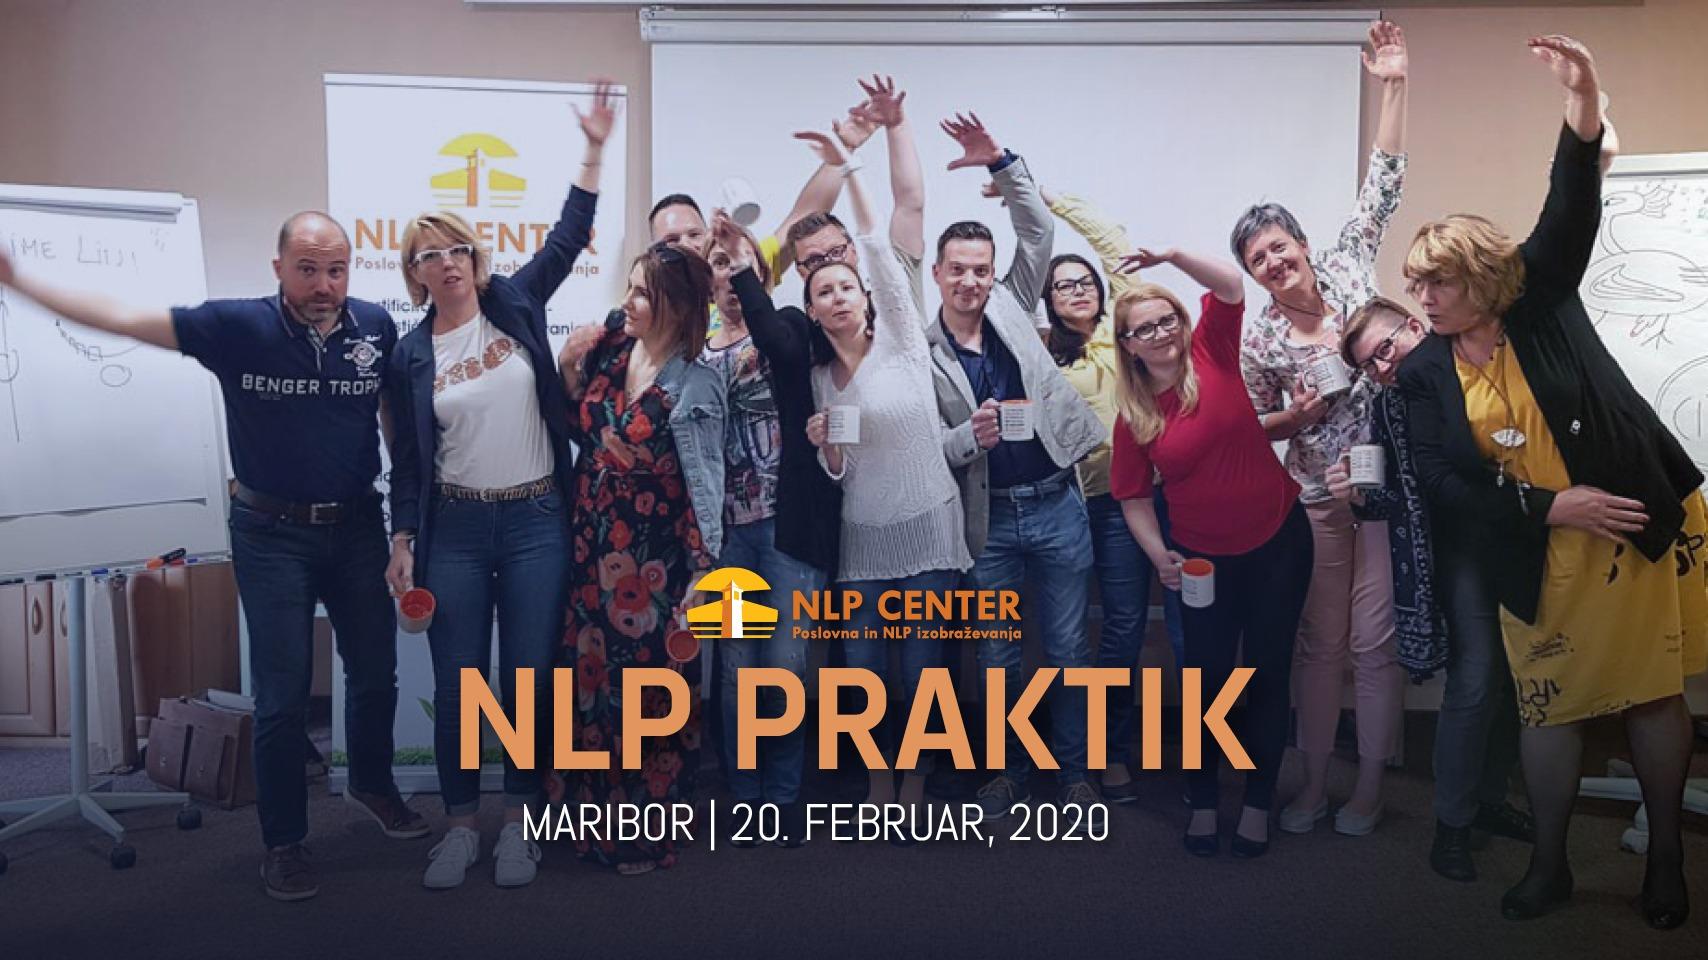 NLP Praktik - Maribor